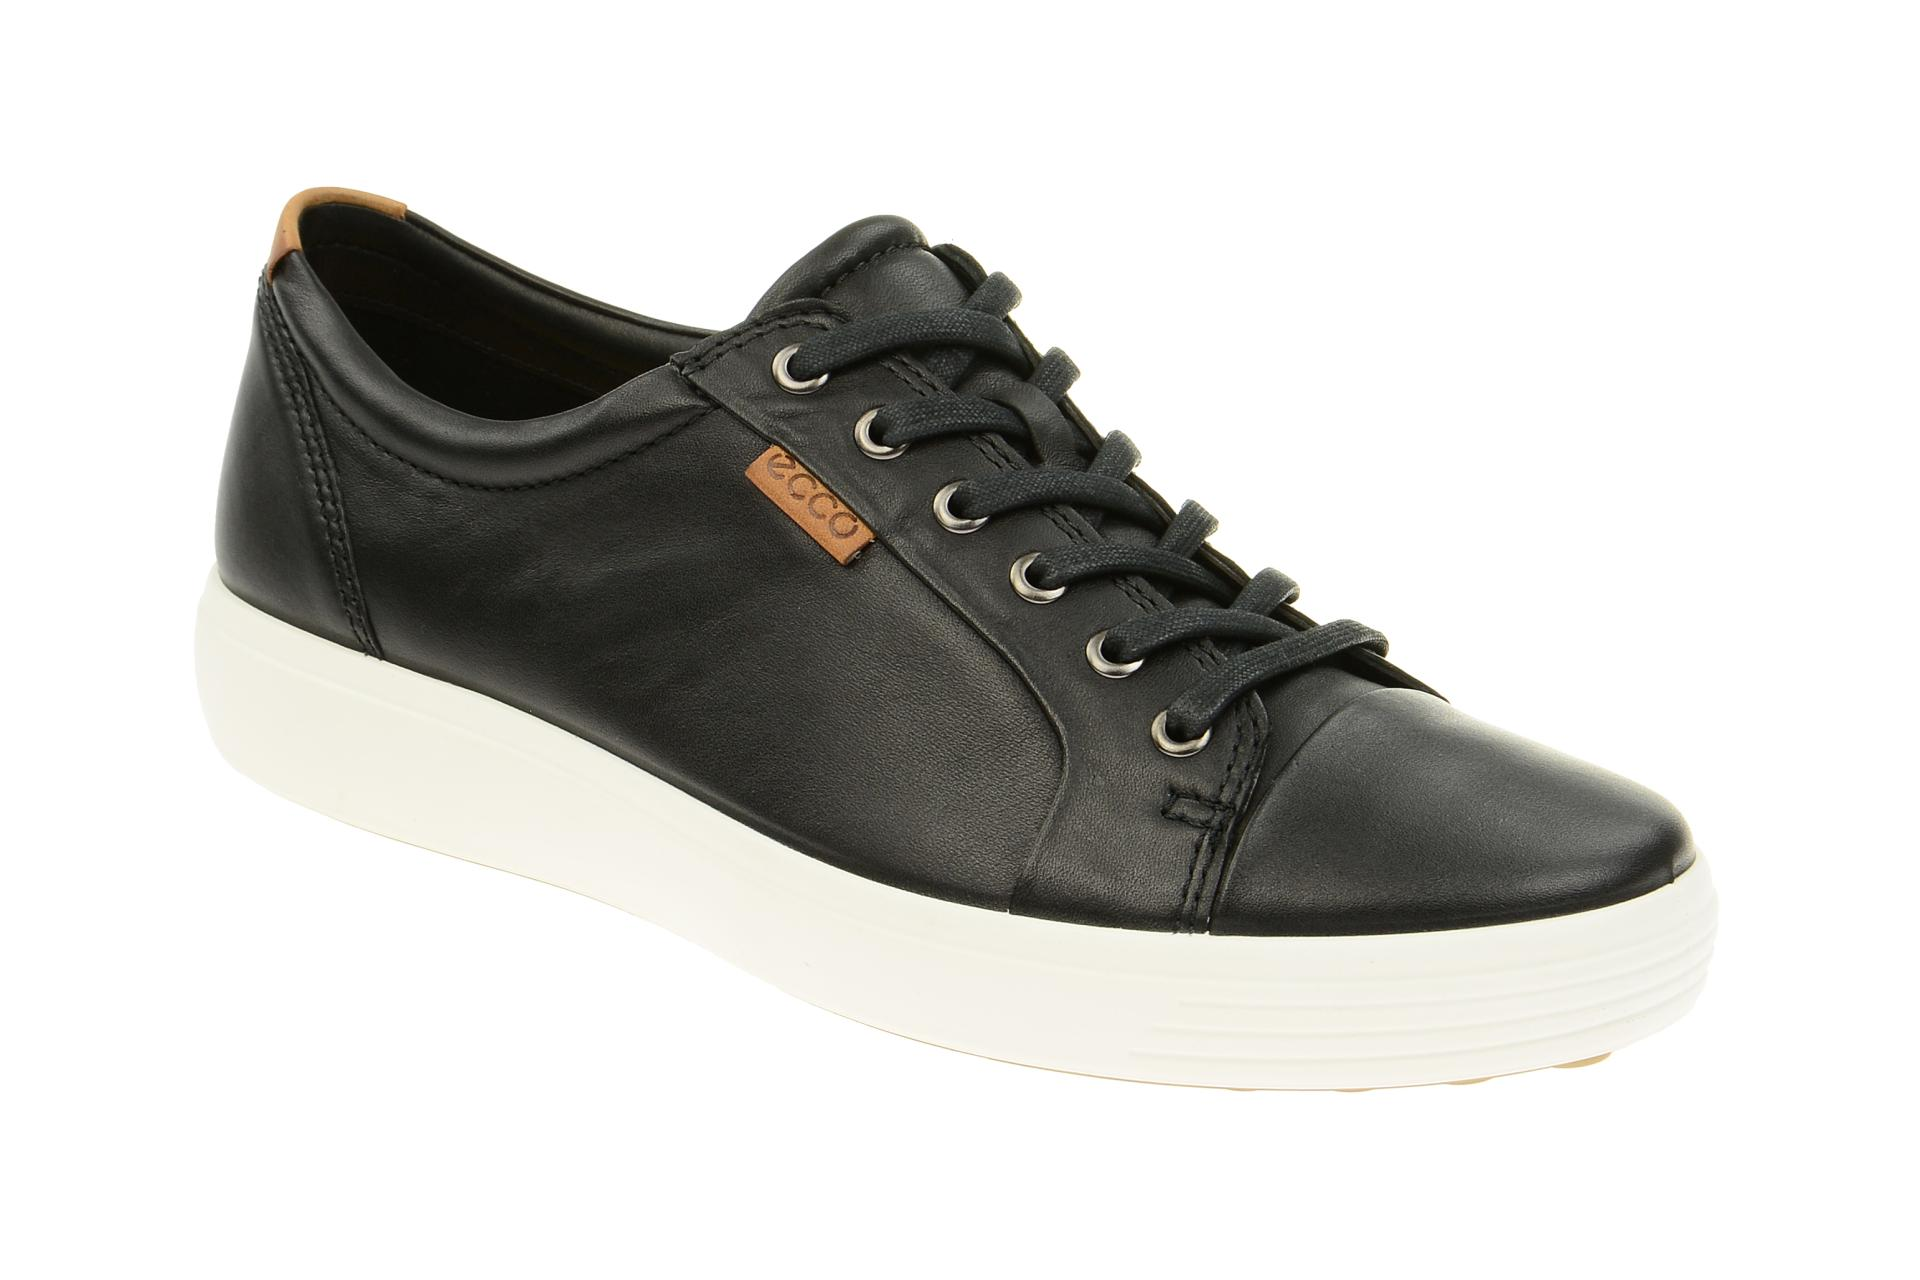 70eebf0ac98a2c Ecco Schuhe Soft 7 schwarz Damen Sneaker - Schuhhaus Strauch Shop